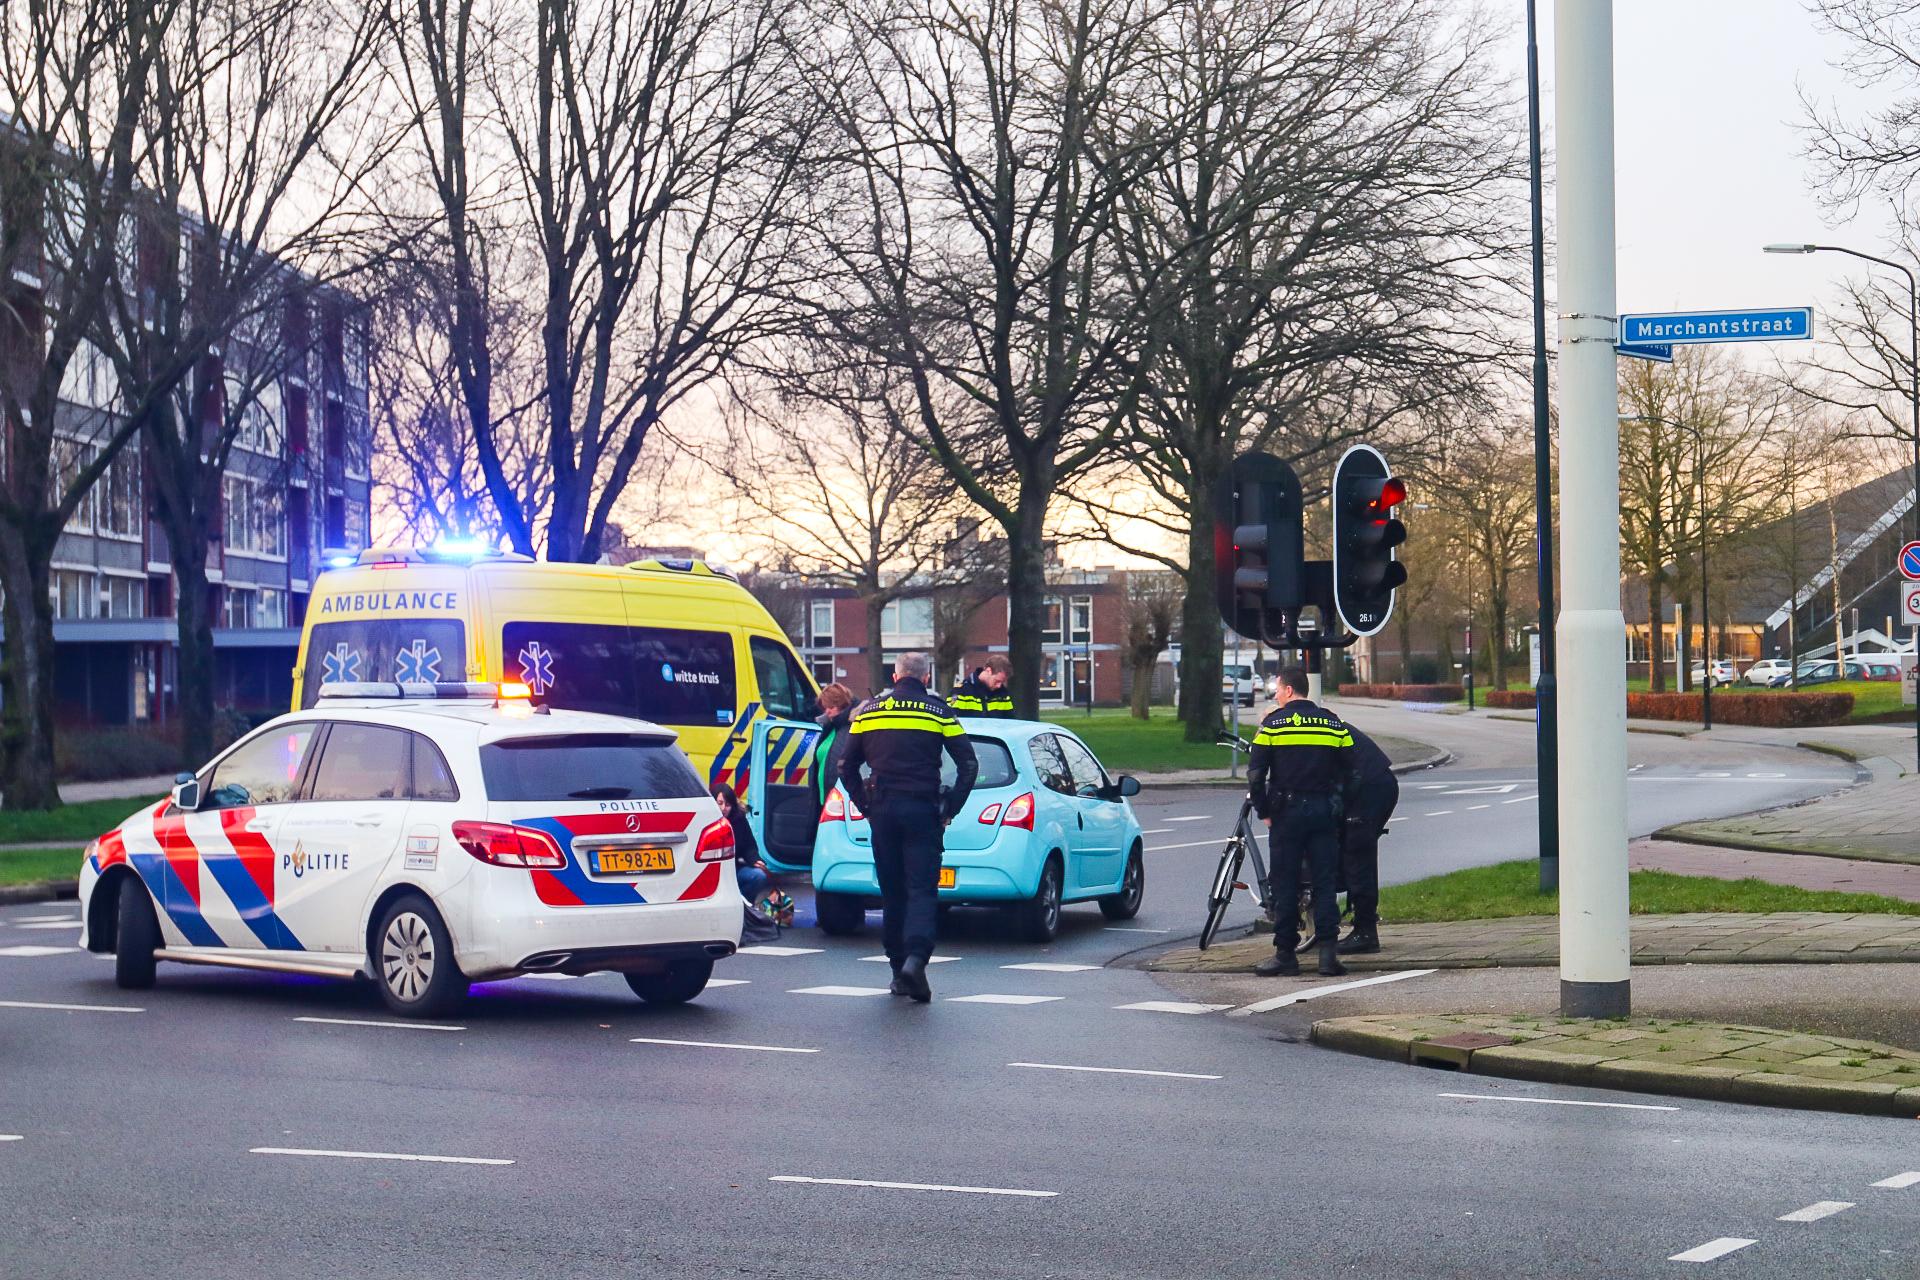 Fietser gewond naar ziekenhuis na botsing met auto in Apeldoorn